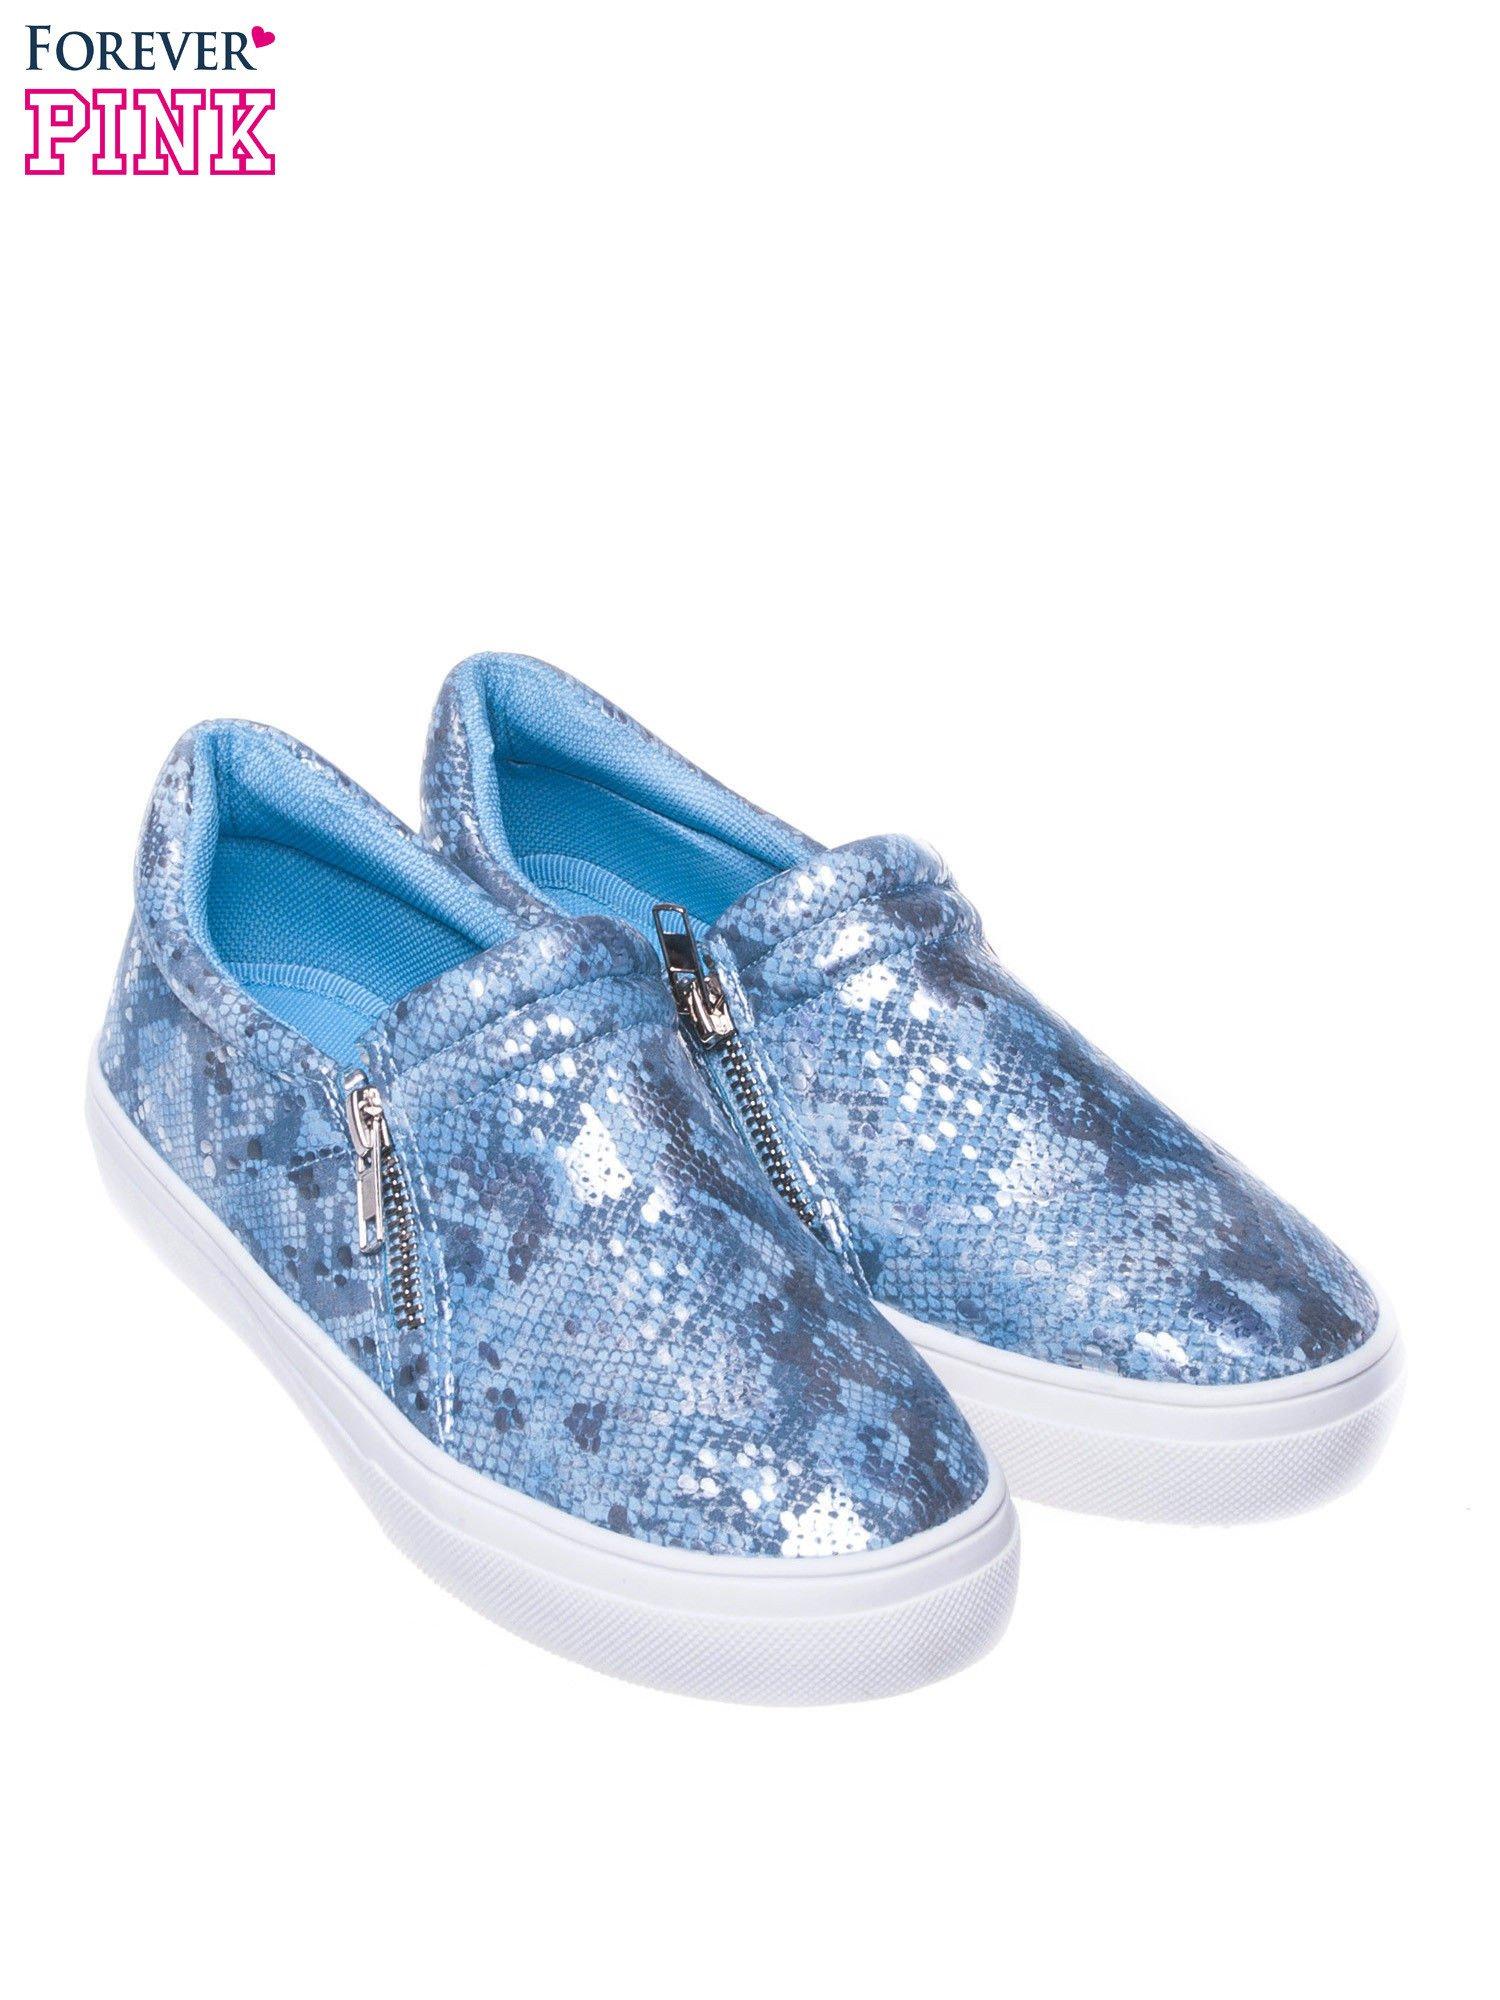 Niebieskie buty slip on ze skóry węża                                  zdj.                                  2